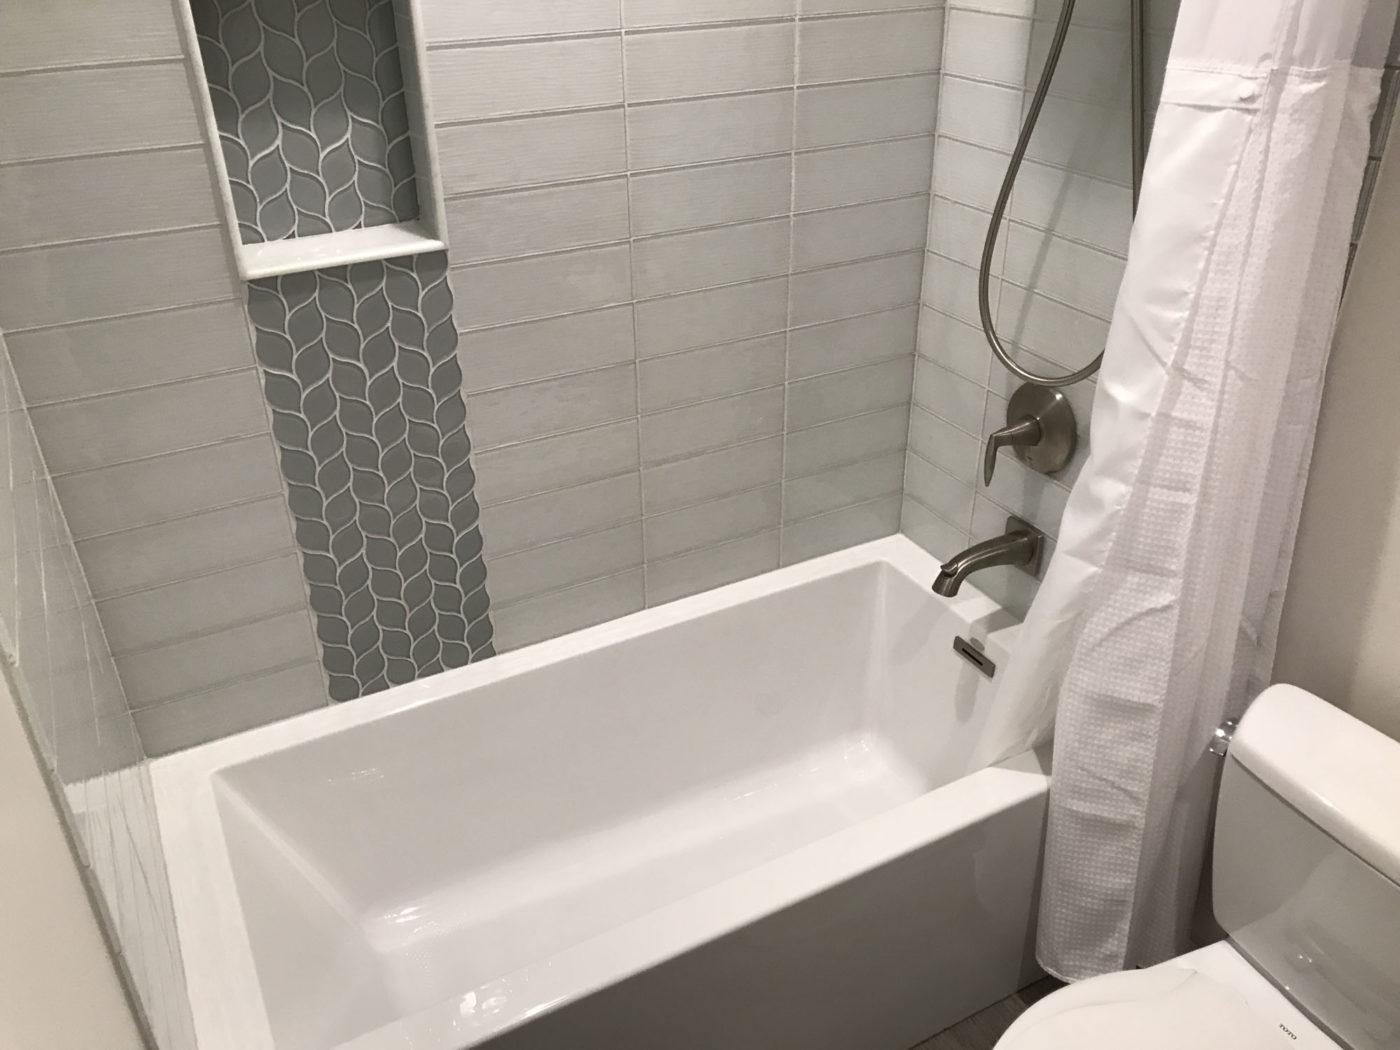 Bathroom Remodeling In Morton Grove